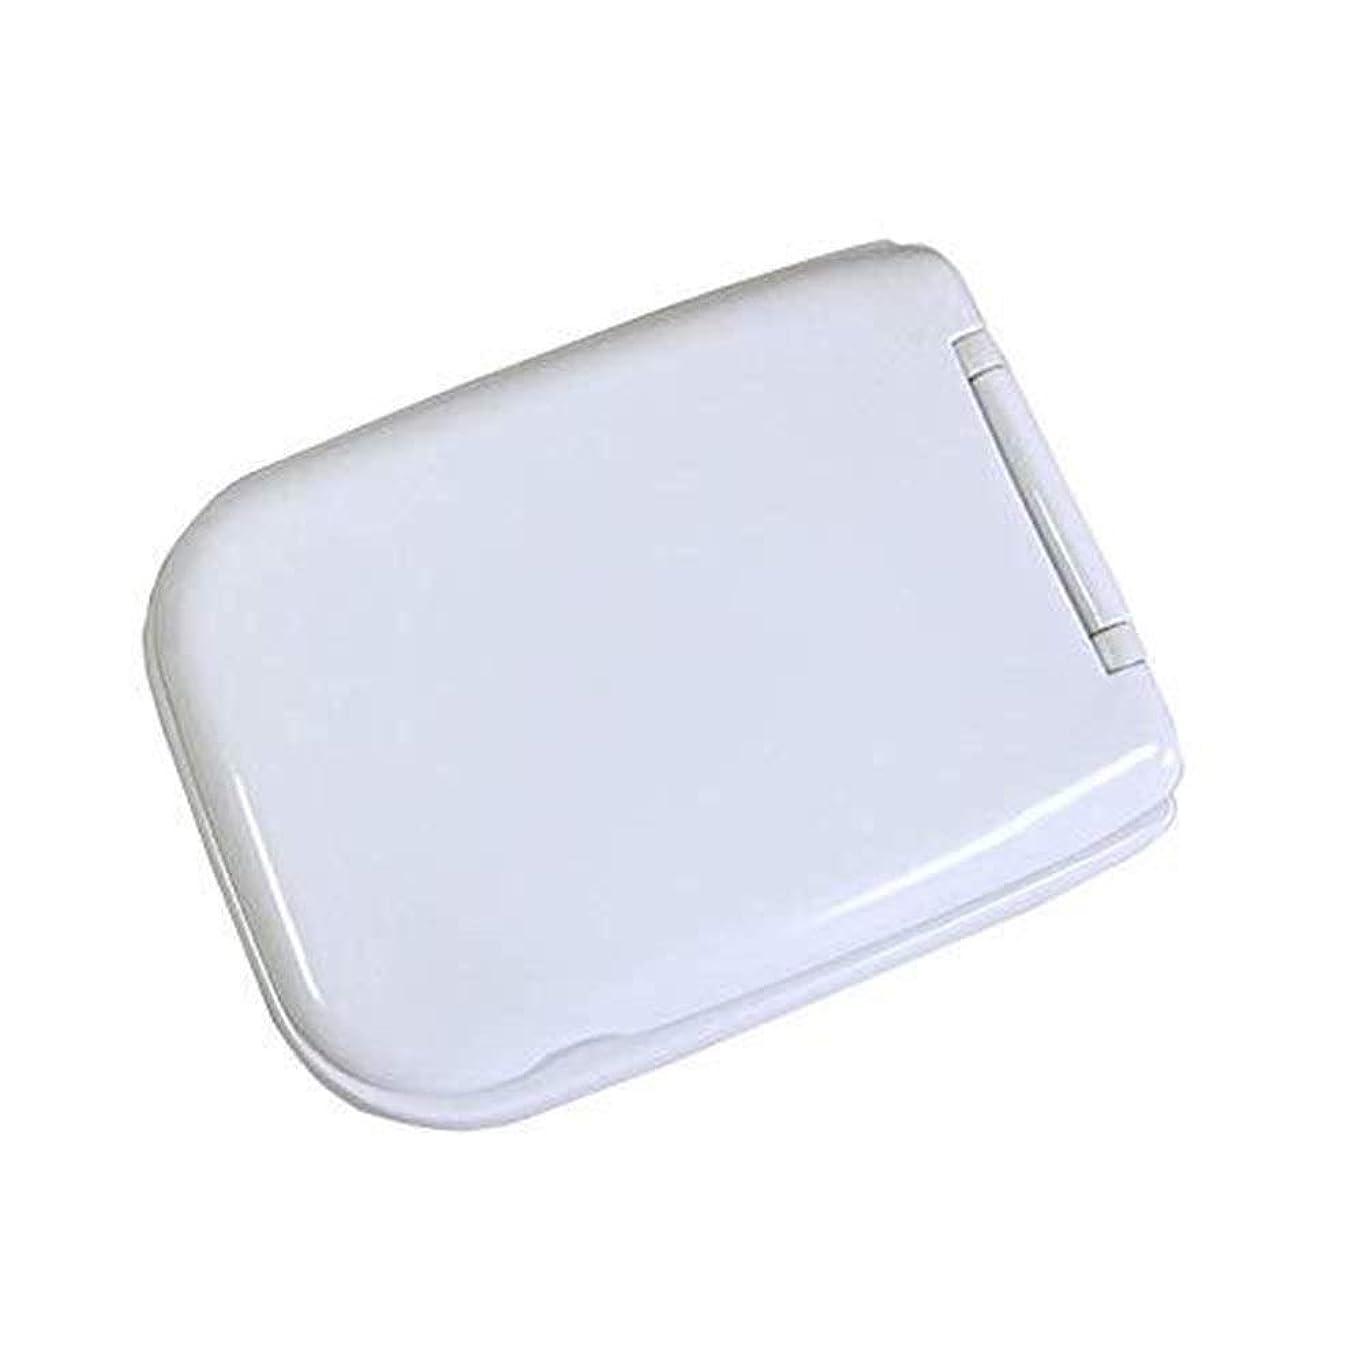 メモ不幸ソロDjyyh トイレシート尿素-ホルムアルデヒド樹脂を使用したスクエアトイレシートは、抗菌性超耐性トイレ蓋白-43 * 33 Cmを遅くしません。 (Color : White, Size : 43*33cm)